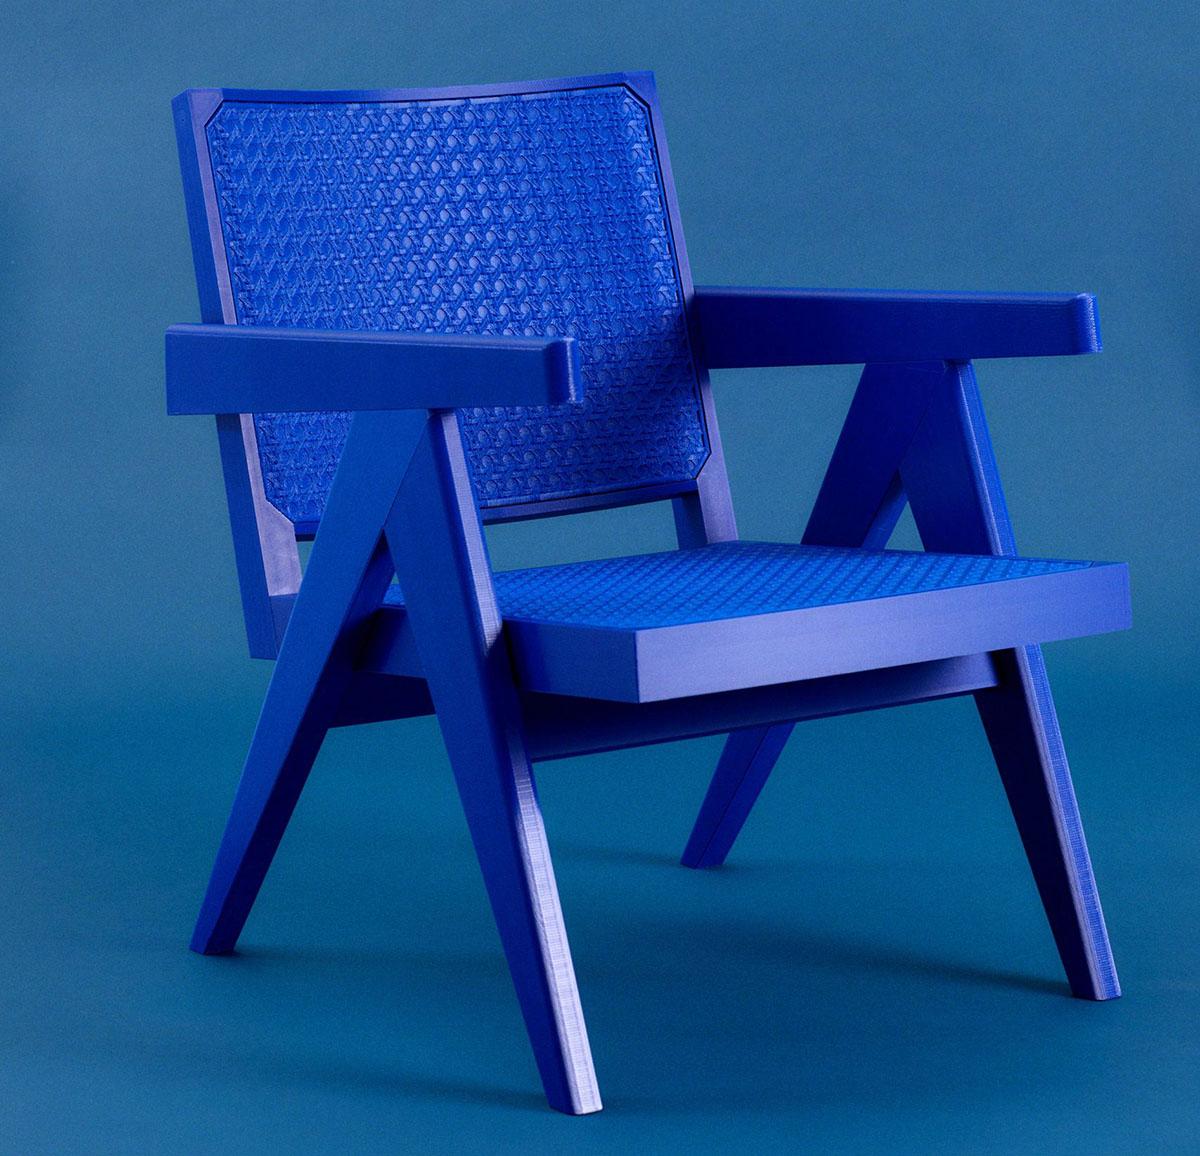 The-Flat-Pack-Jeanneret-Benjamin-Fainlight-Sam-Sklar-02